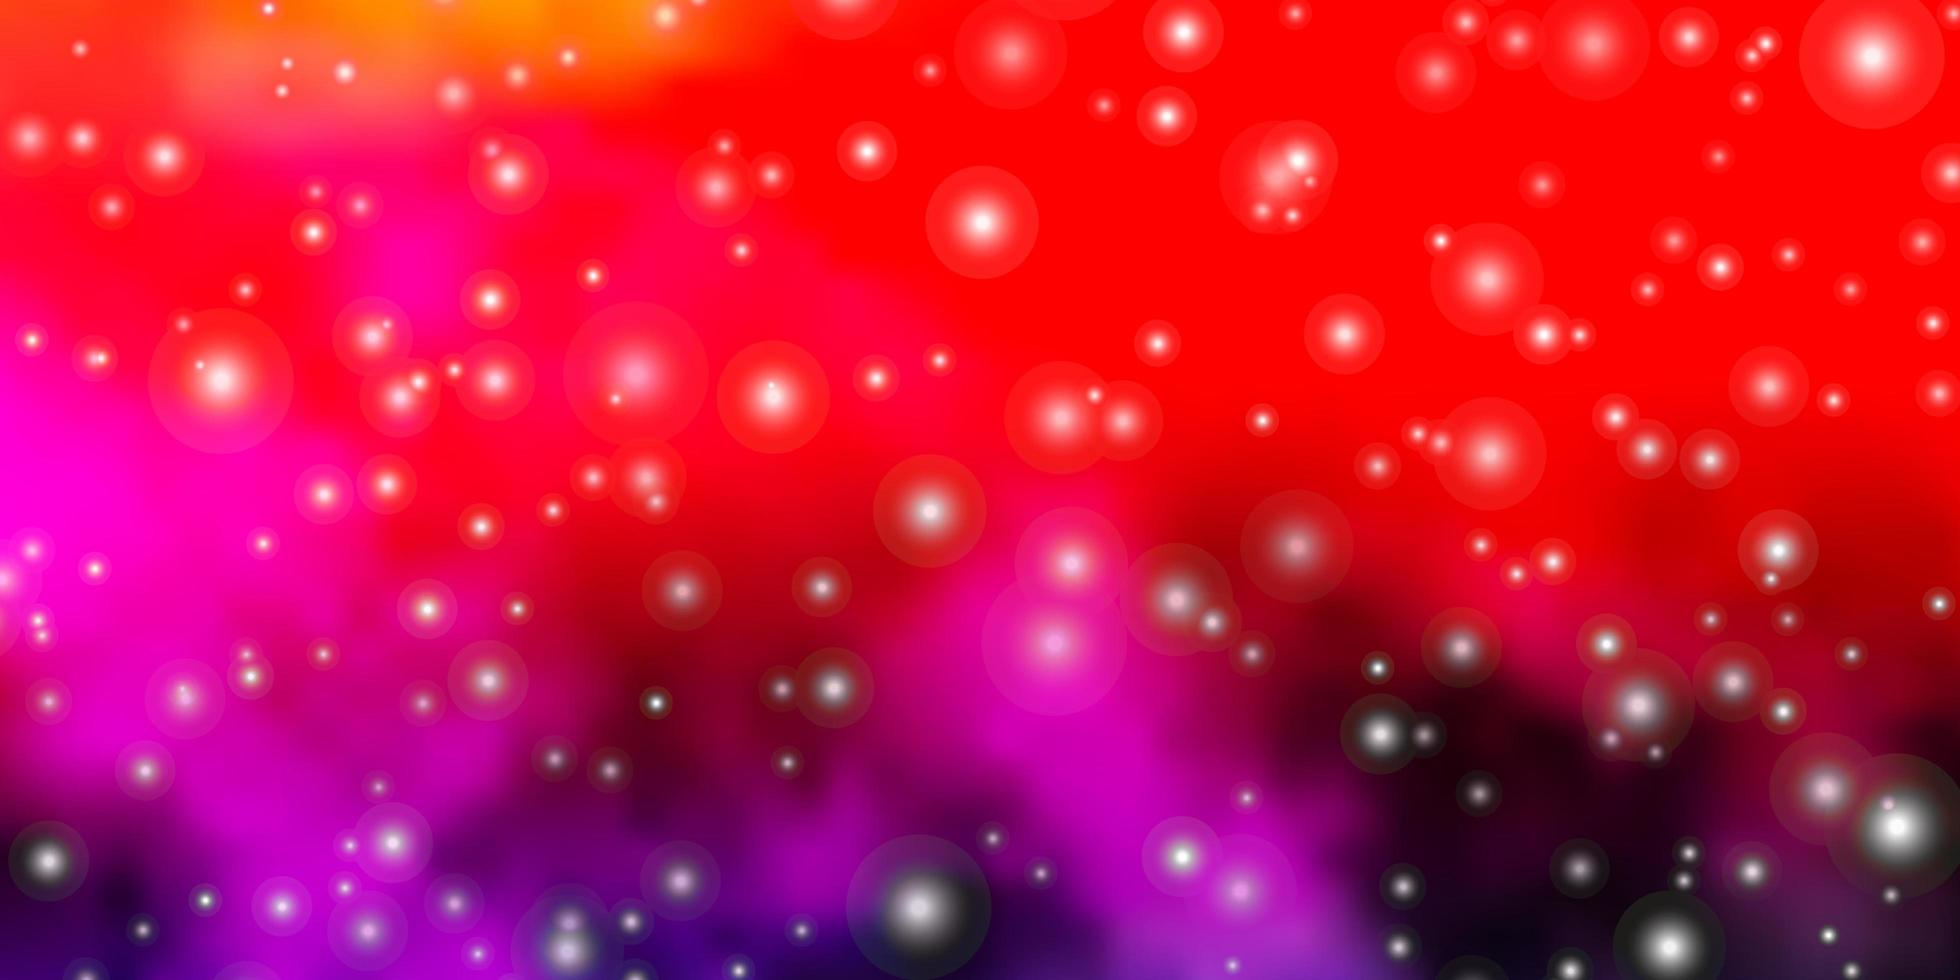 hellrosa, gelbe Vektorschablone mit Neonsternen. vektor